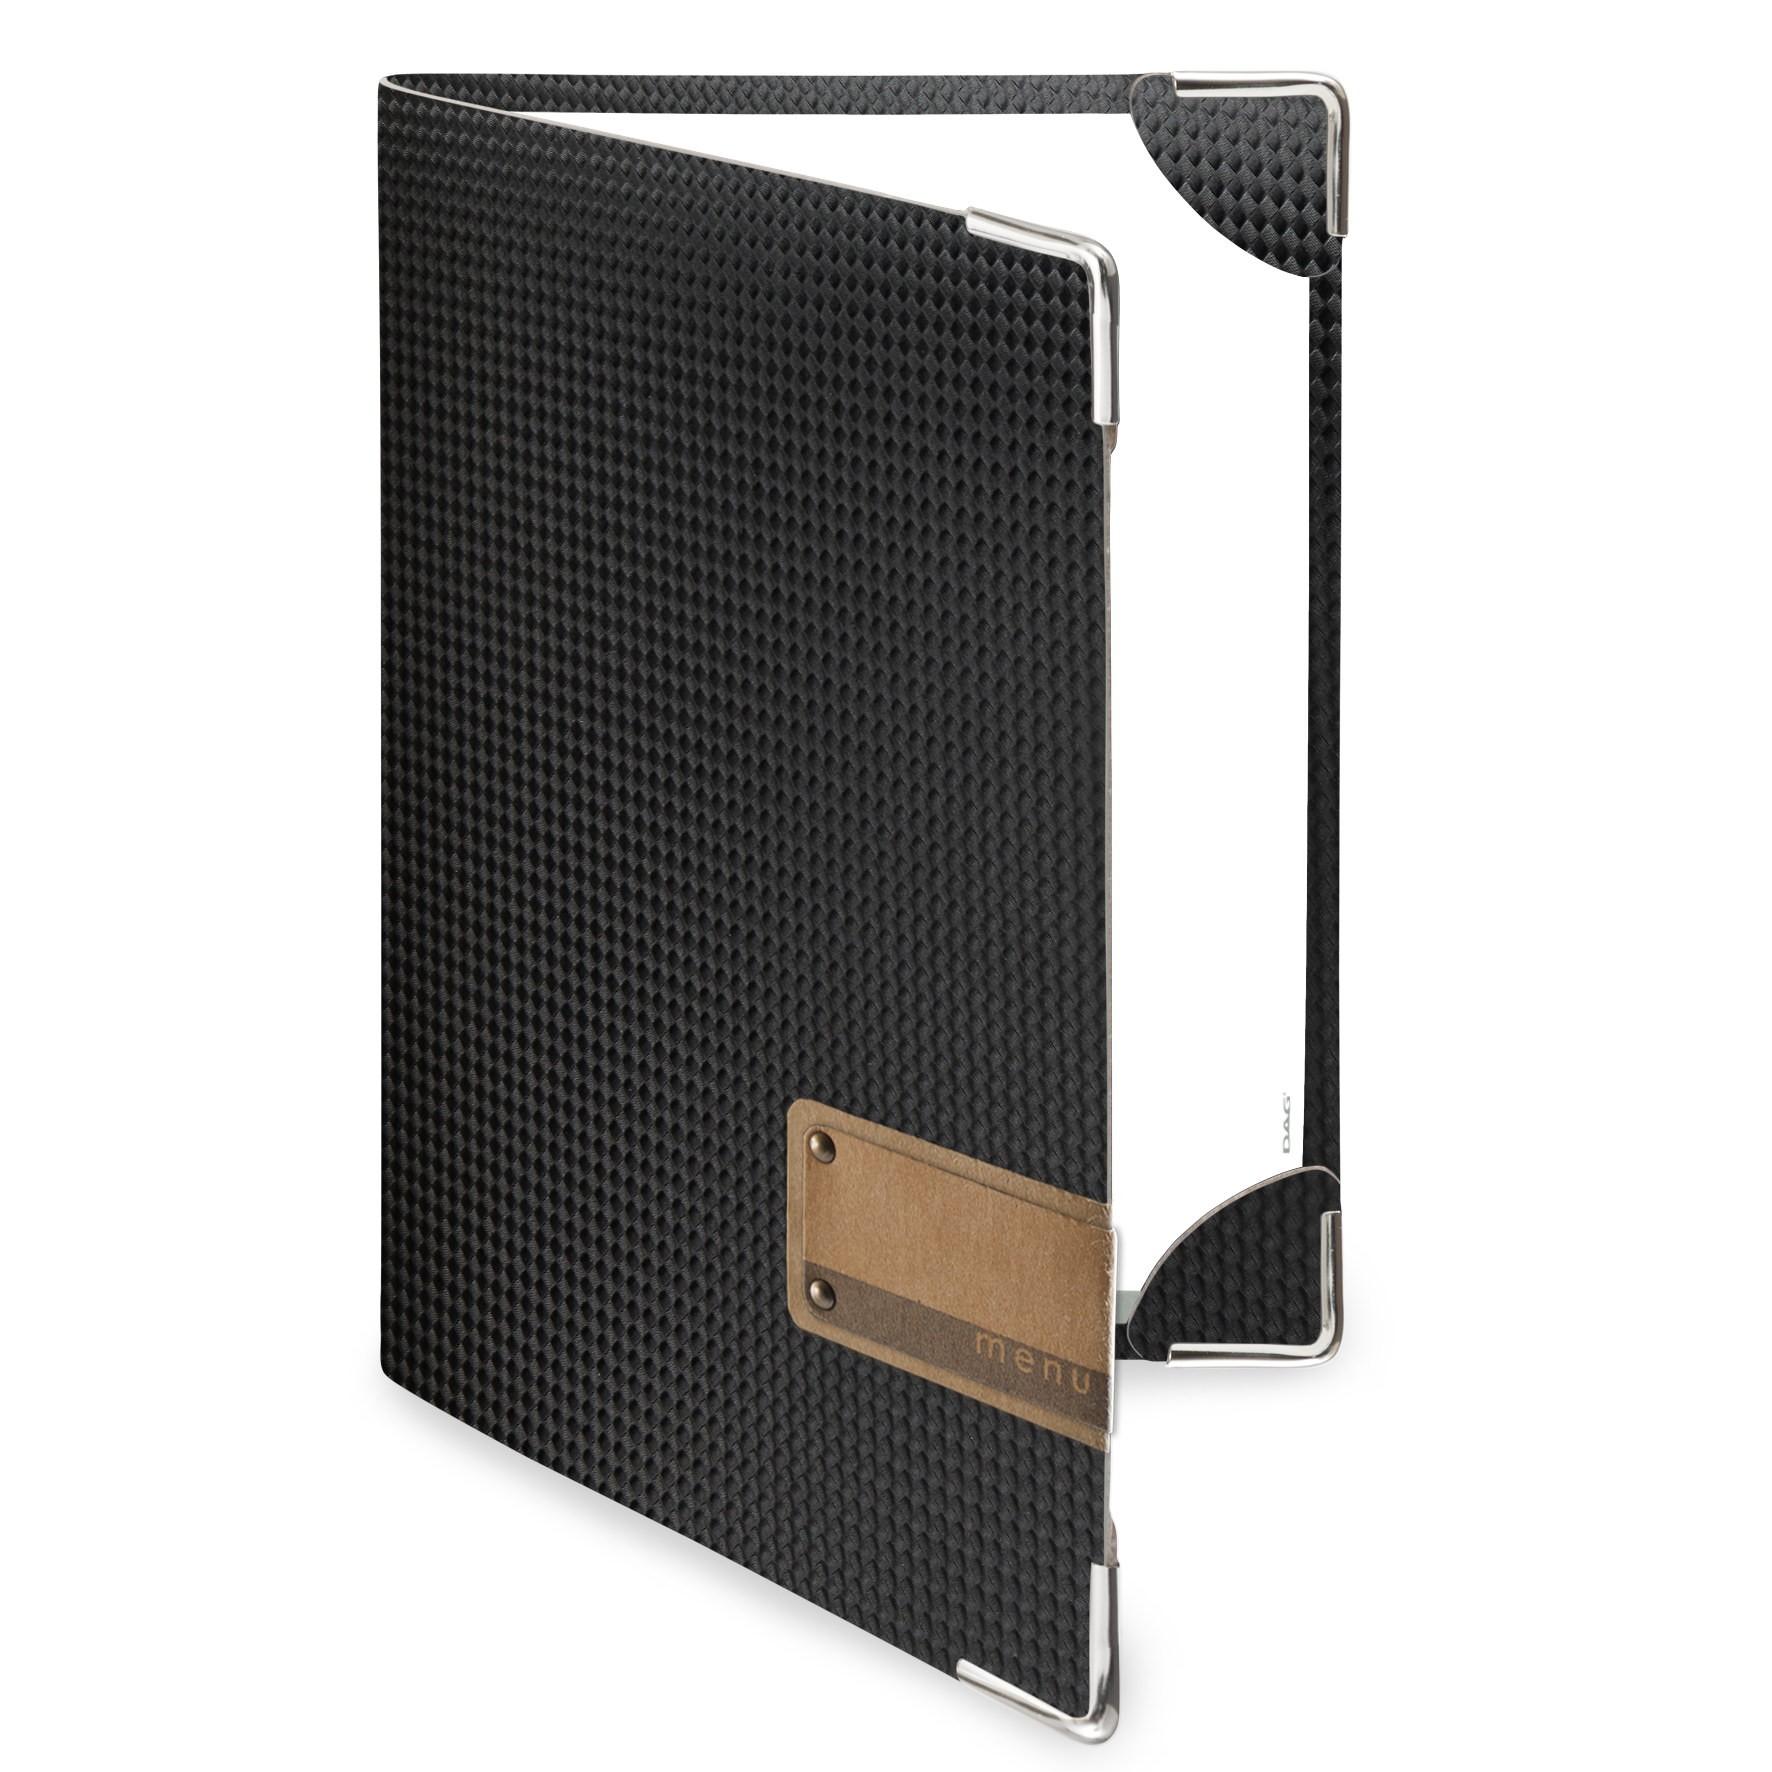 Protège menu 2 volets MenuMenu noir aspect carbon